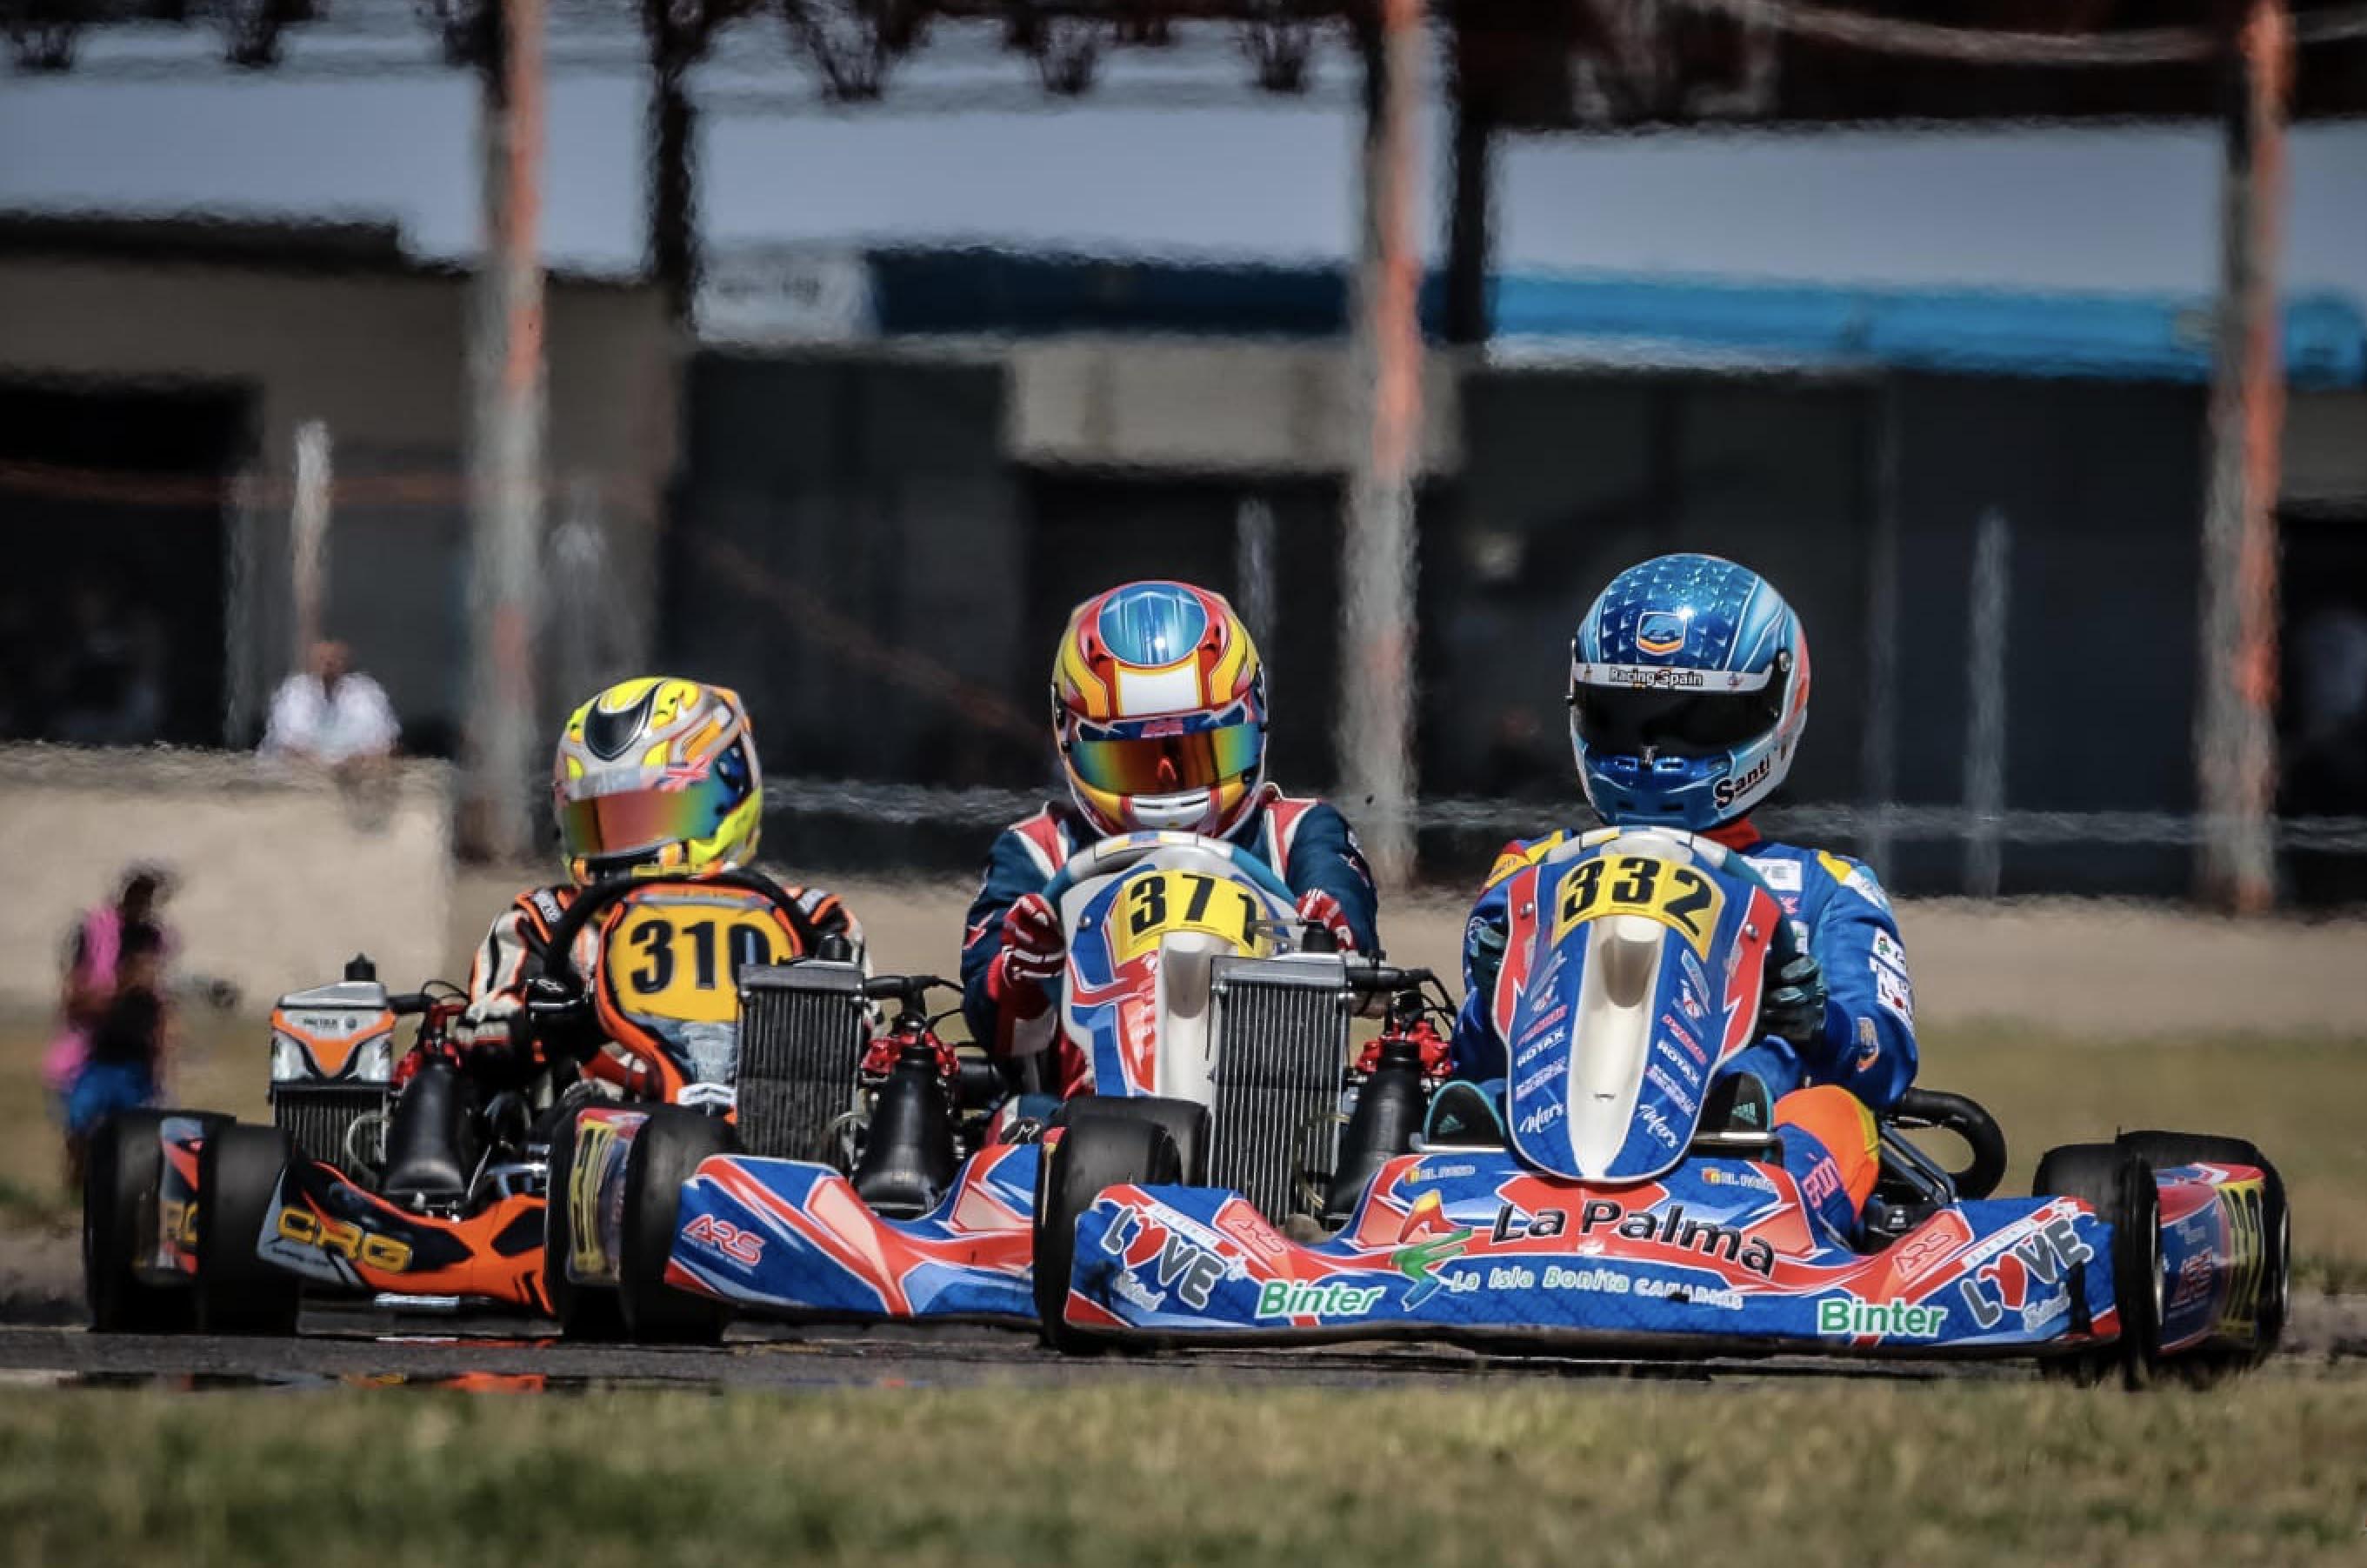 🏎 Santi Concepción Jr firmó la sexta posición en la final Rotax celebrada en Zuera